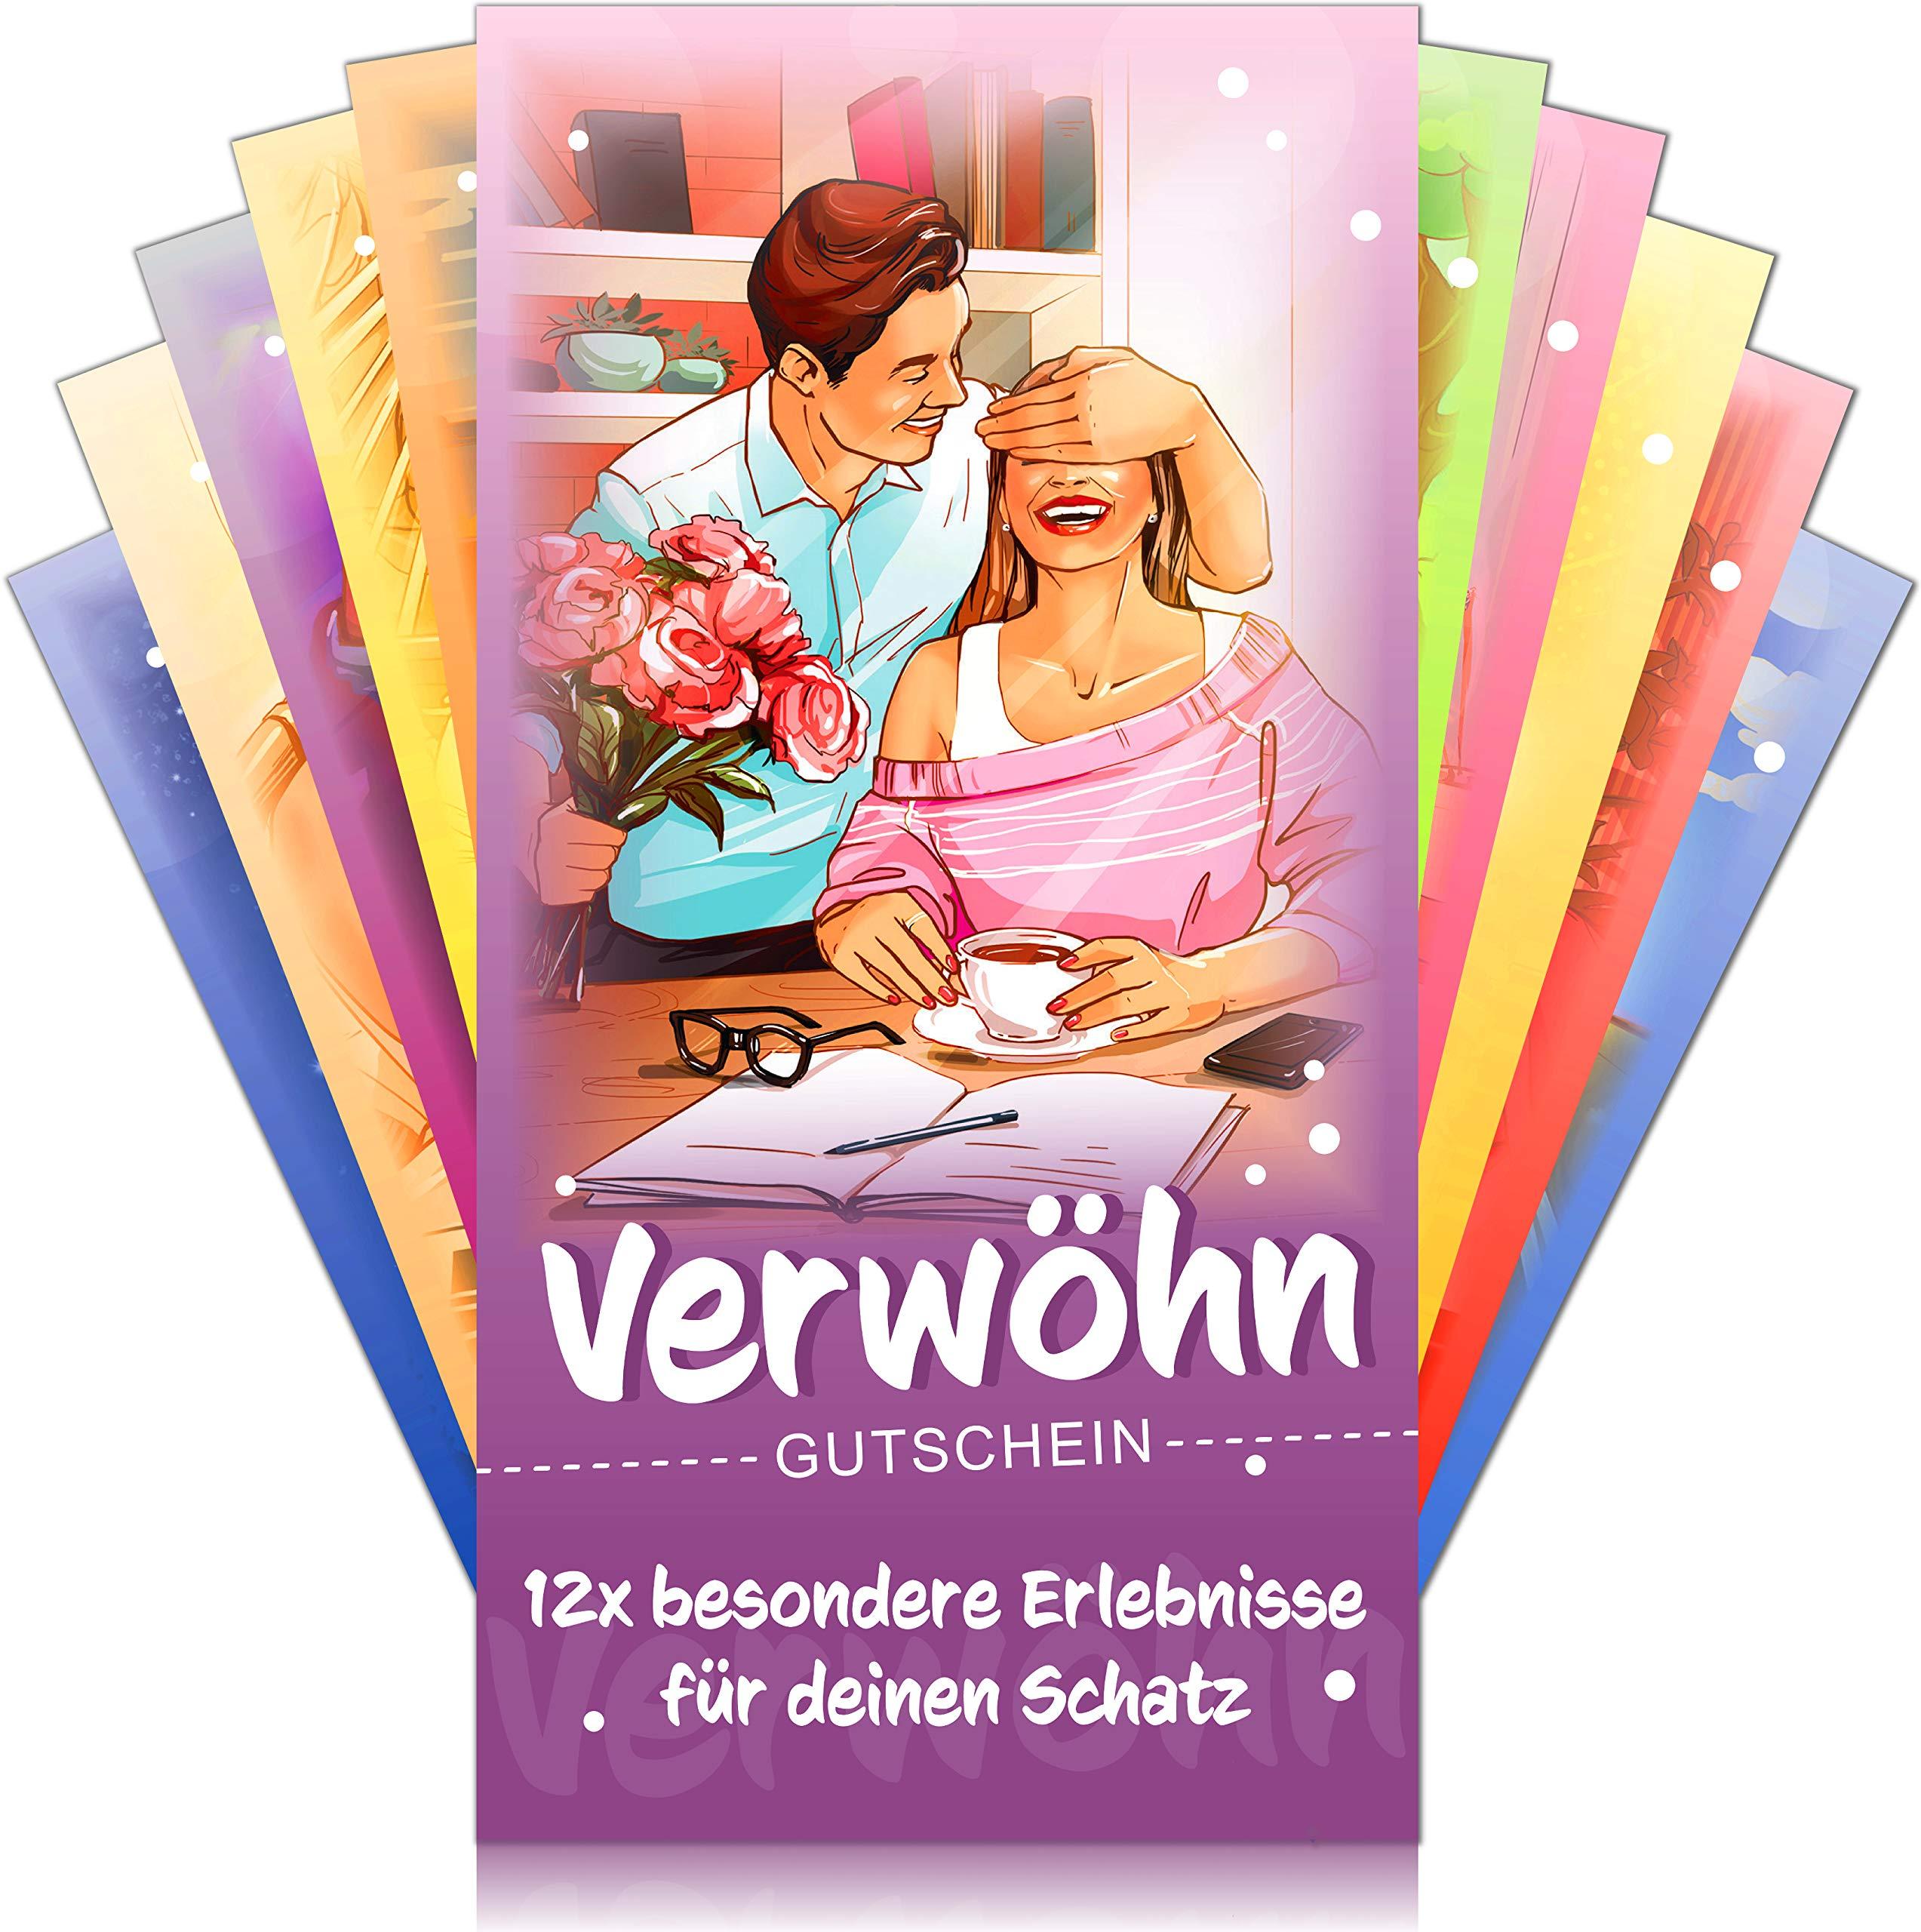 Verwöhngutscheine von VULAVA® + Gratis Online-Handbuch mit 100 Verwöhnideen – die Liebesgutscheine mit 12 romantischen…